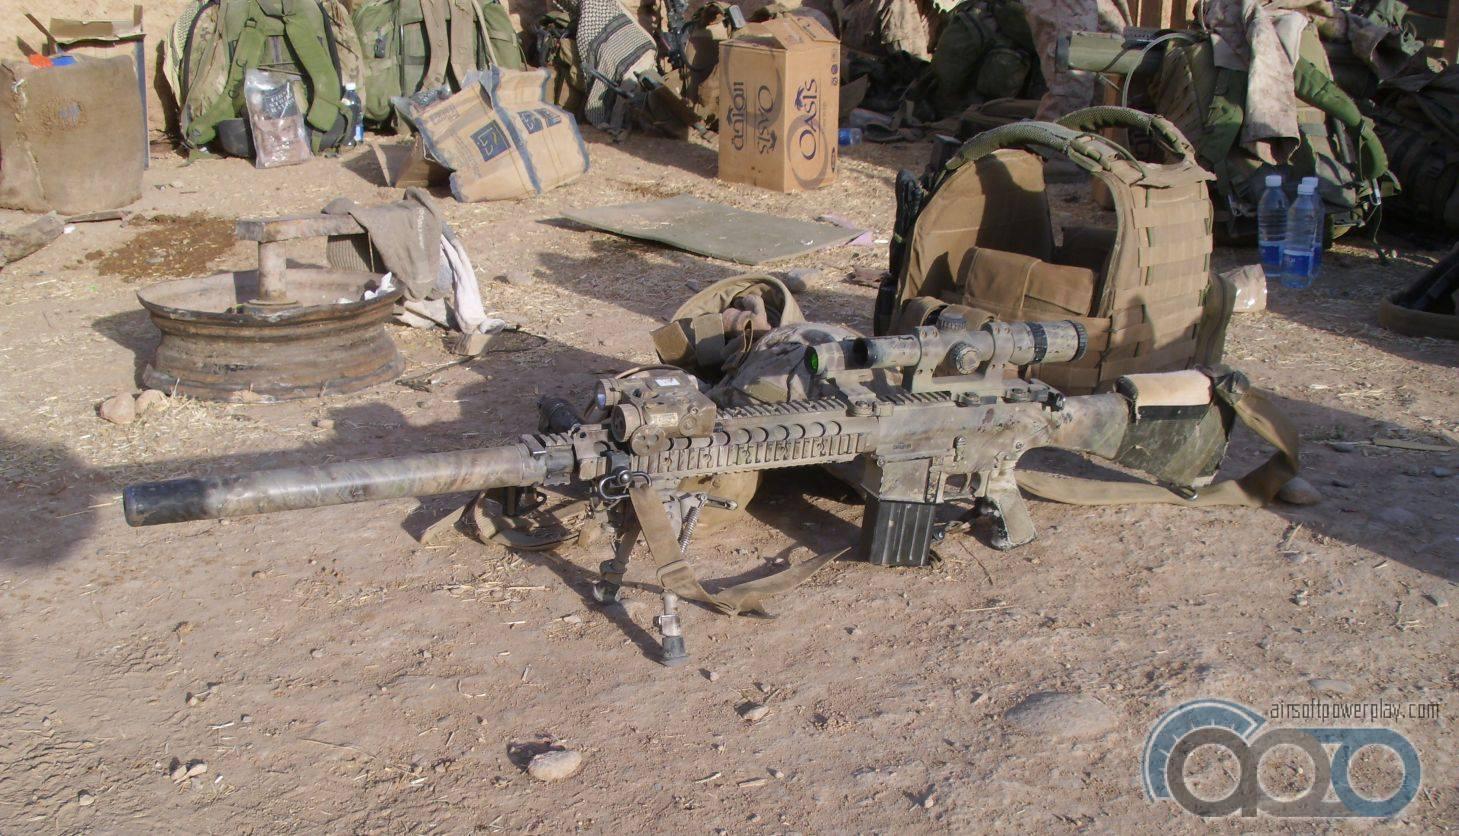 KAC Mk11